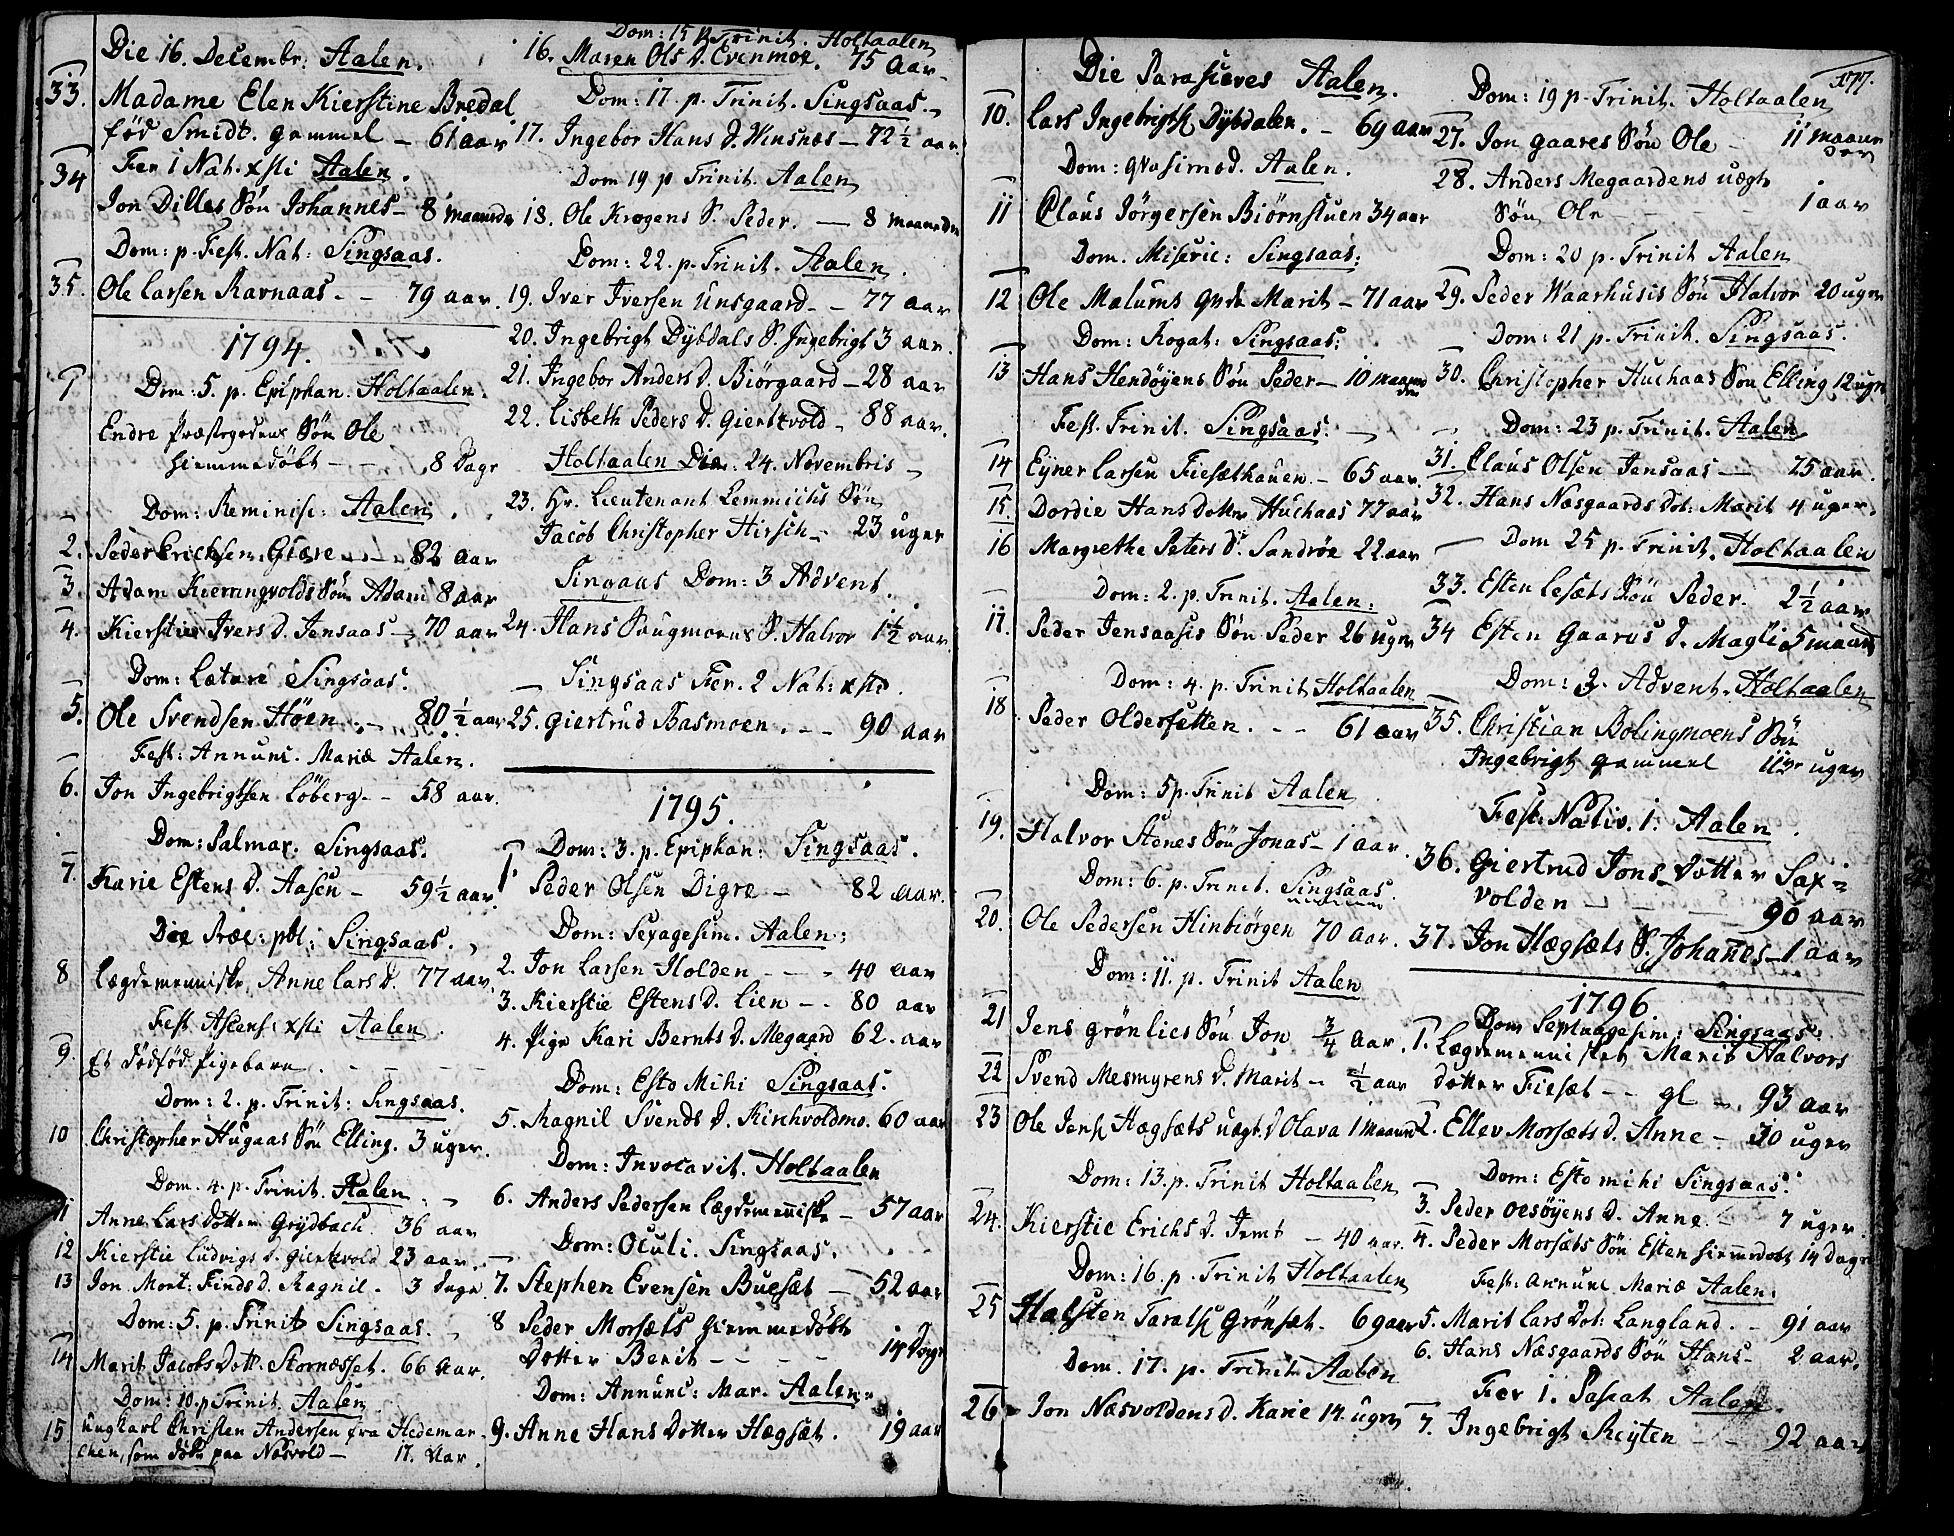 SAT, Ministerialprotokoller, klokkerbøker og fødselsregistre - Sør-Trøndelag, 685/L0952: Ministerialbok nr. 685A01, 1745-1804, s. 177